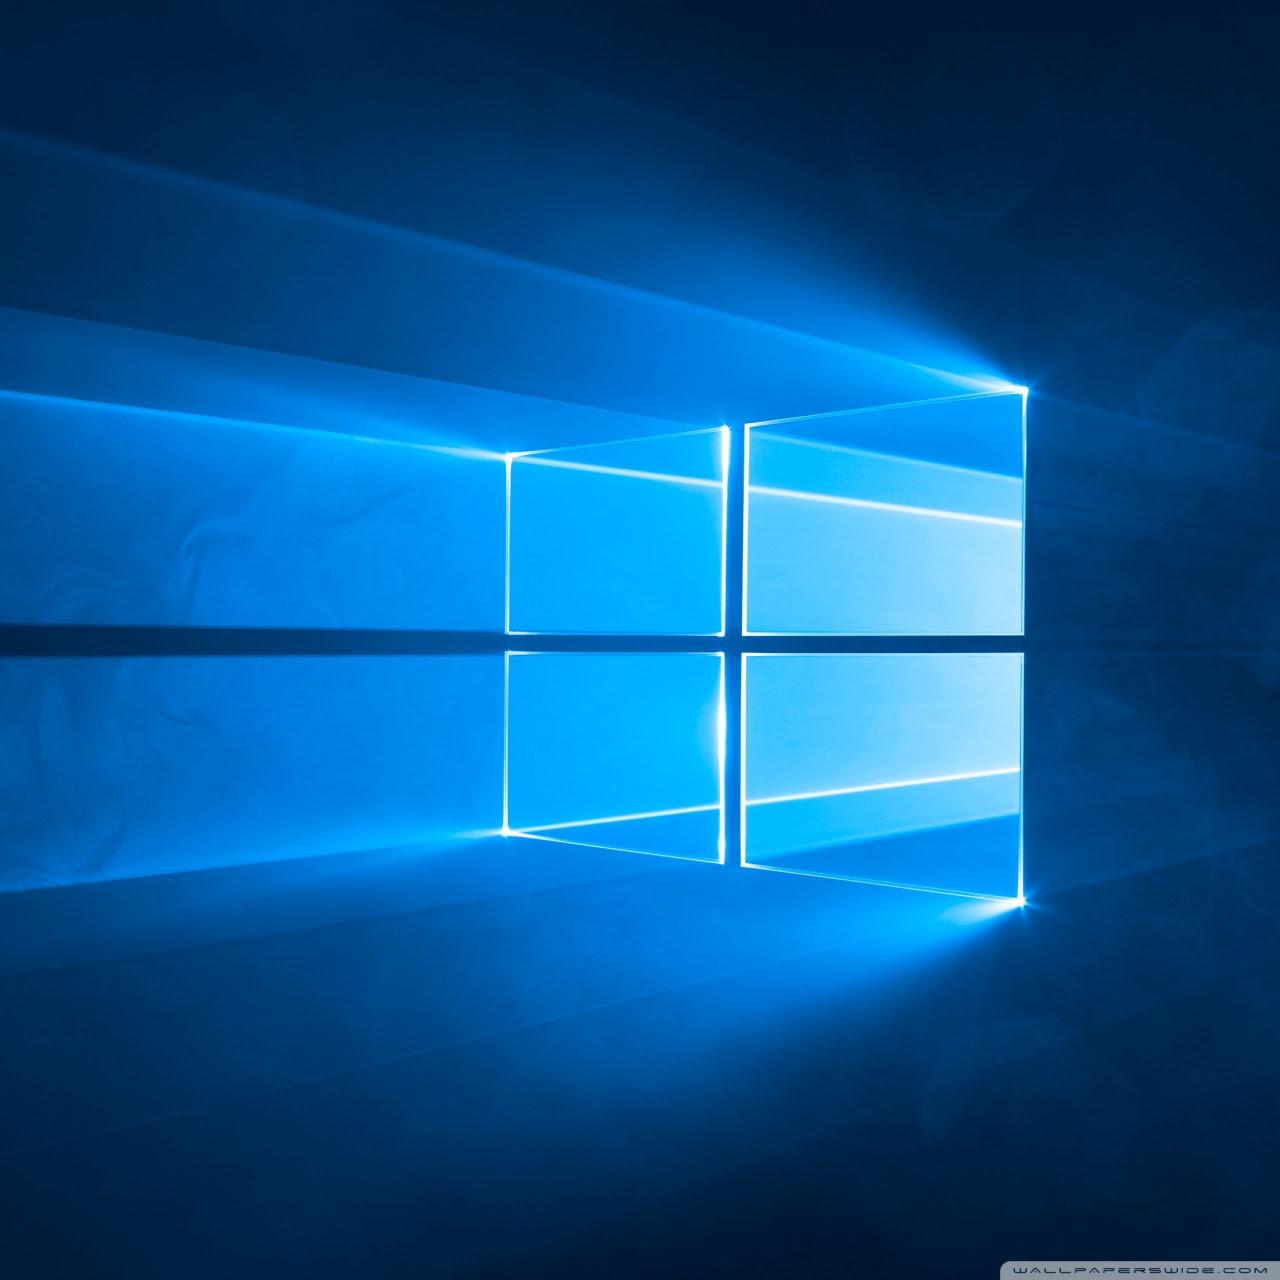 Windows 10 Hero 4K 4K HD Desktop Wallpaper For Wide Ultra